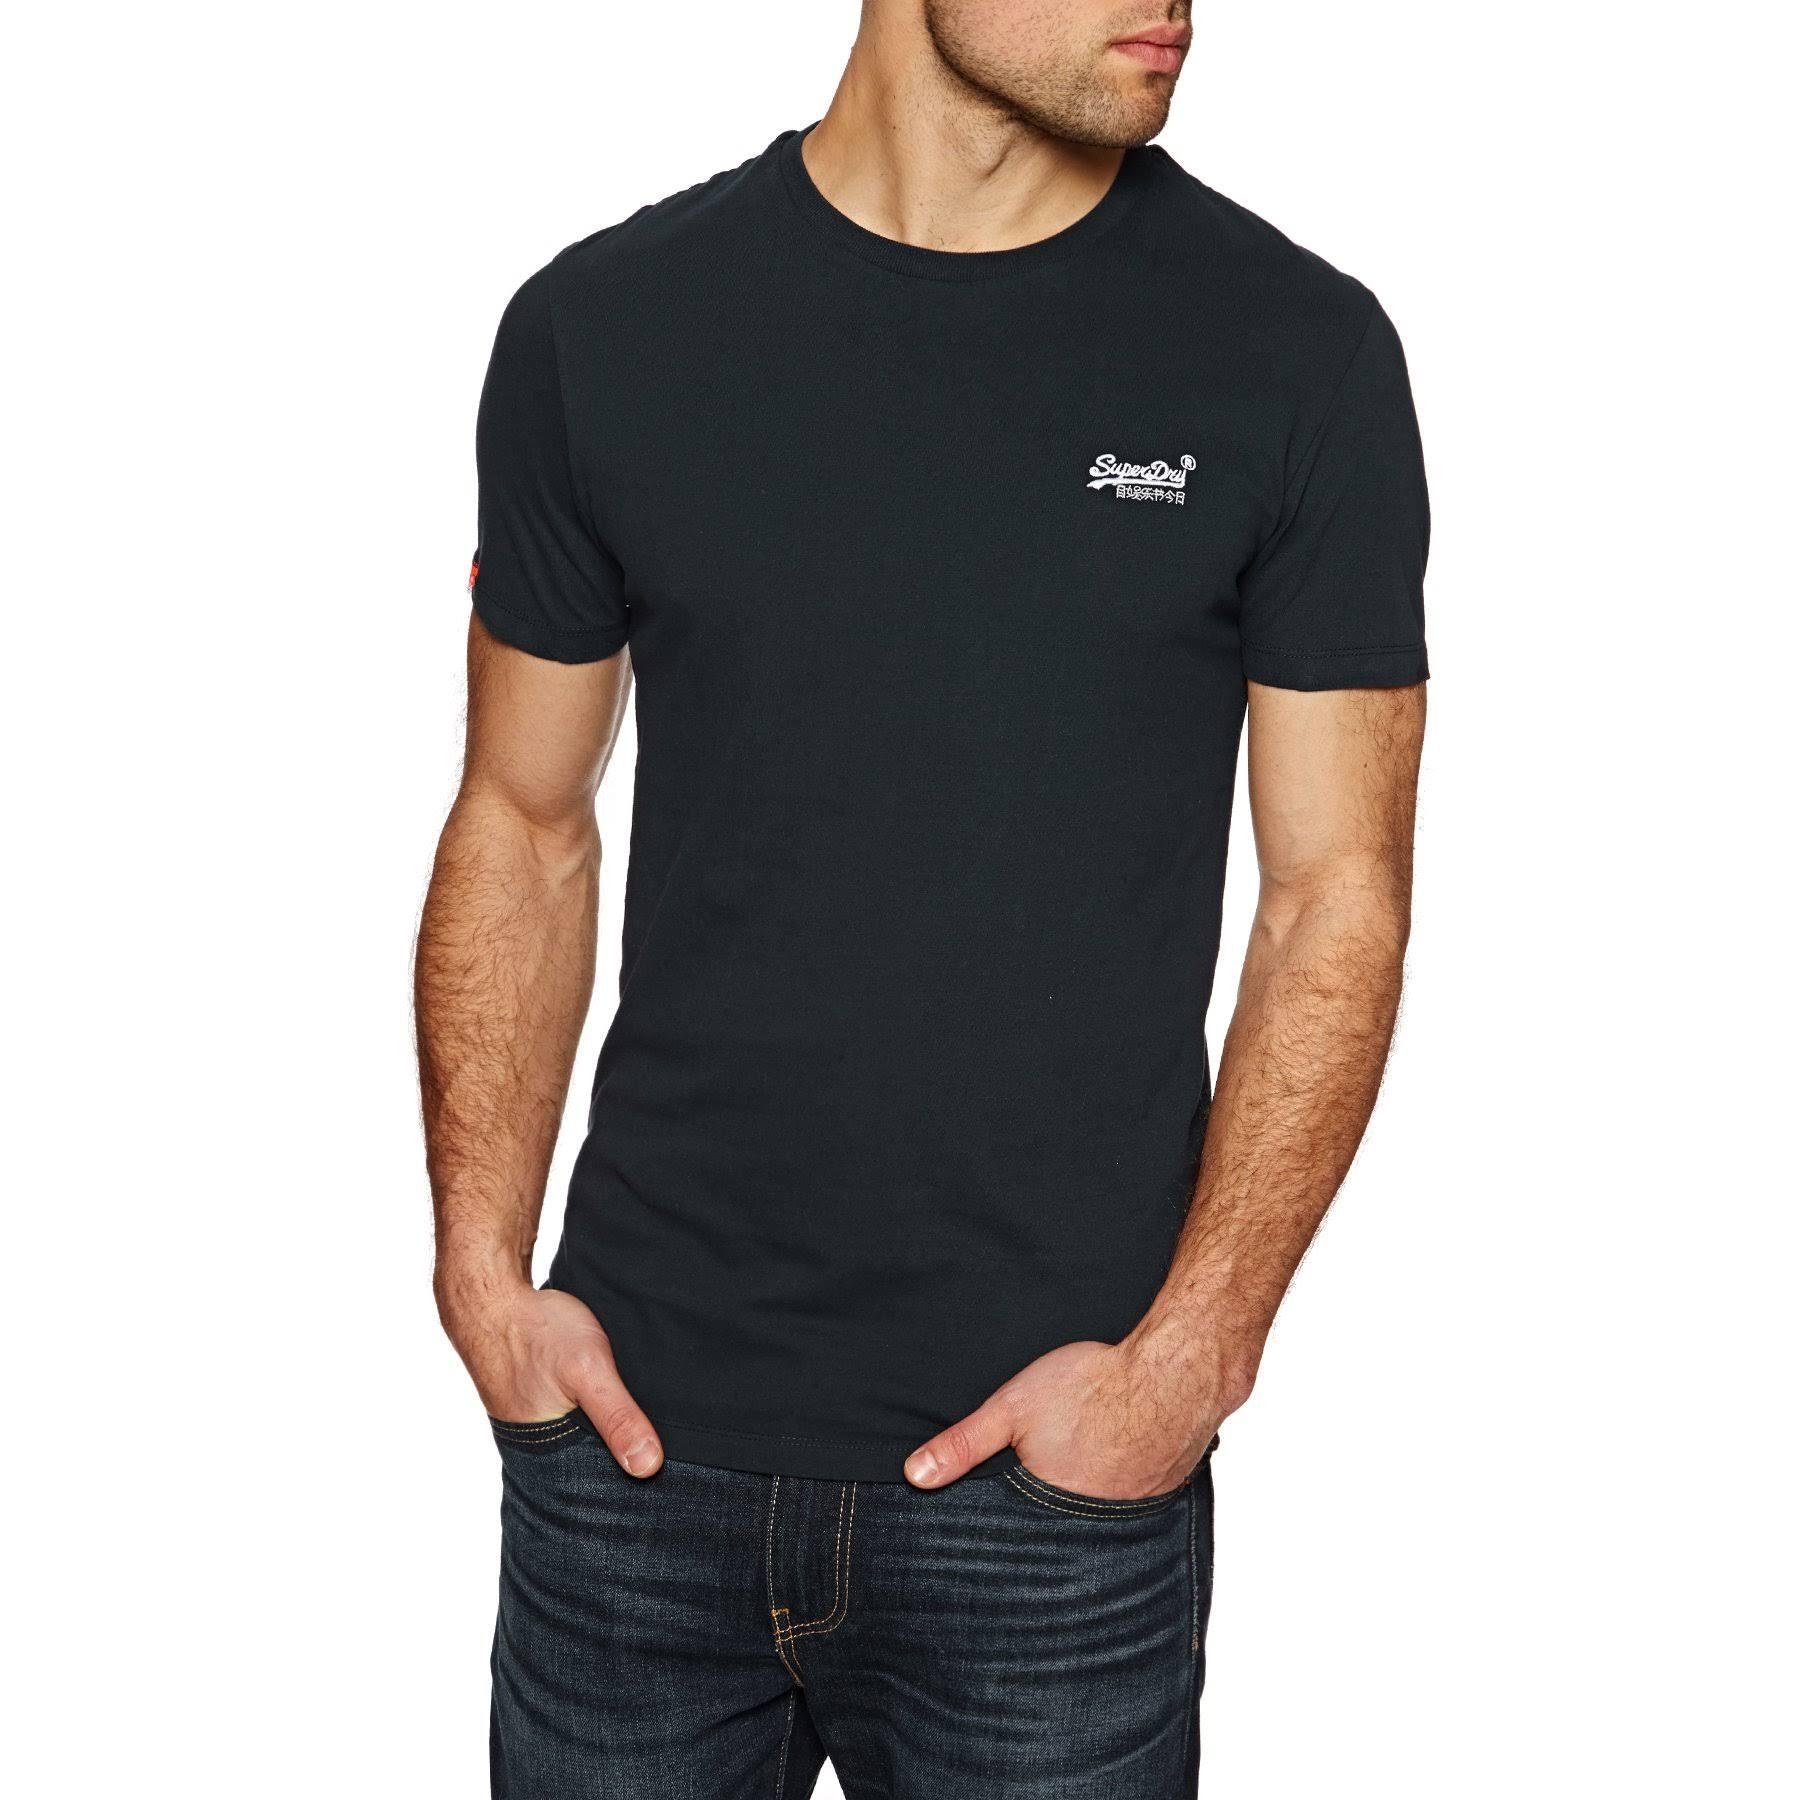 Superdry Redondo Vintage' De Camiseta Cuello Hombre Label Con Para 'orange aqaTxHn